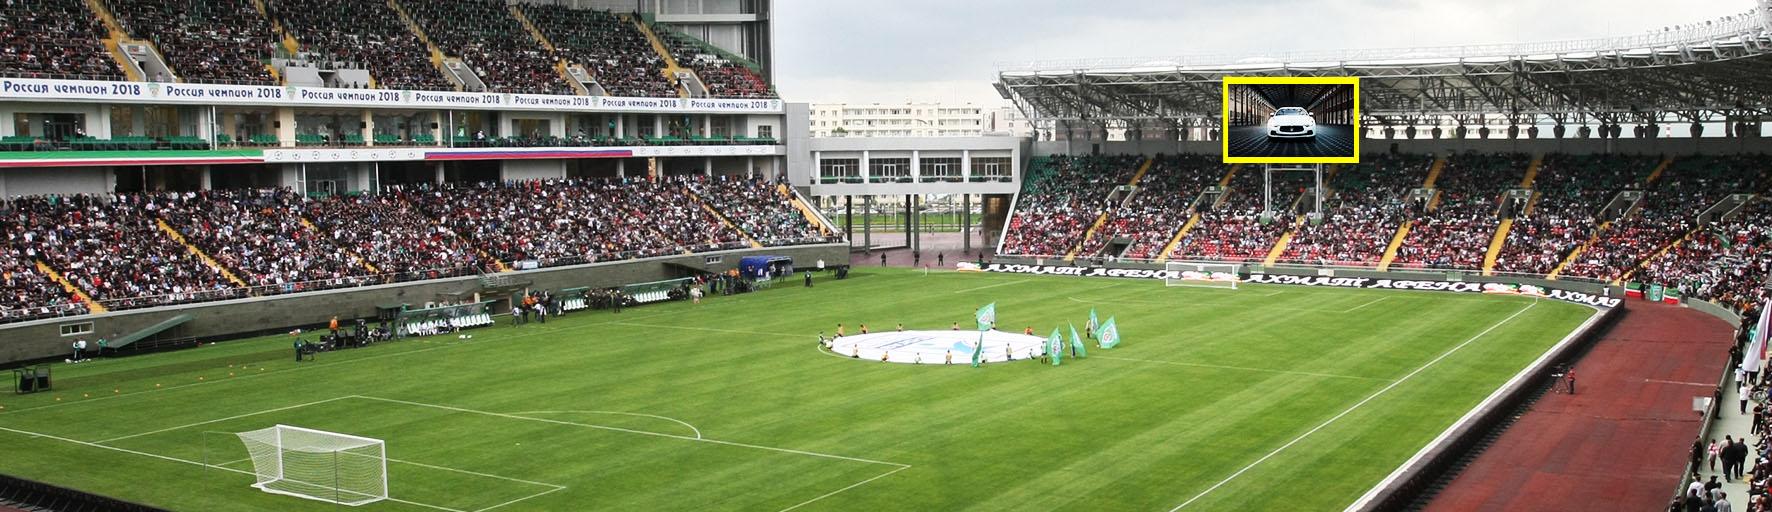 Размещение рекламы на Ахмат-Арена / стадион экраны